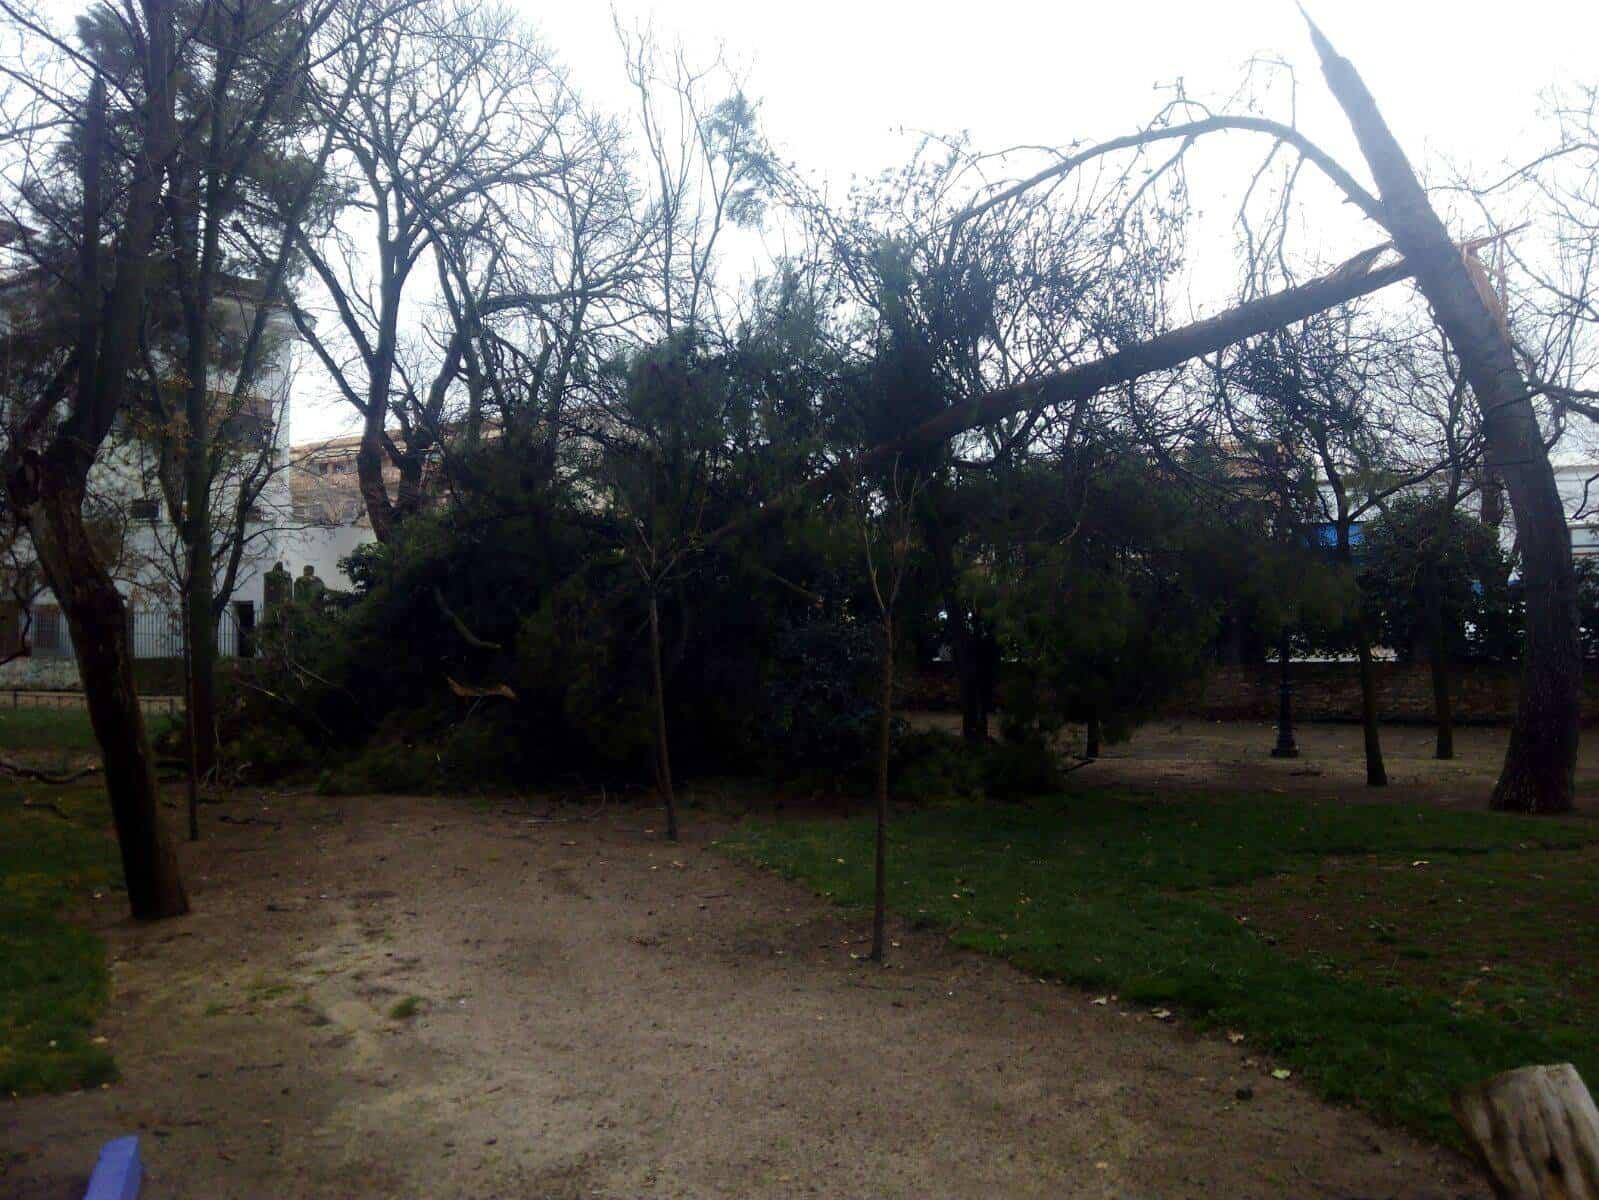 Parque Municipal cerrado por los daños ocasionados por el temporal 3